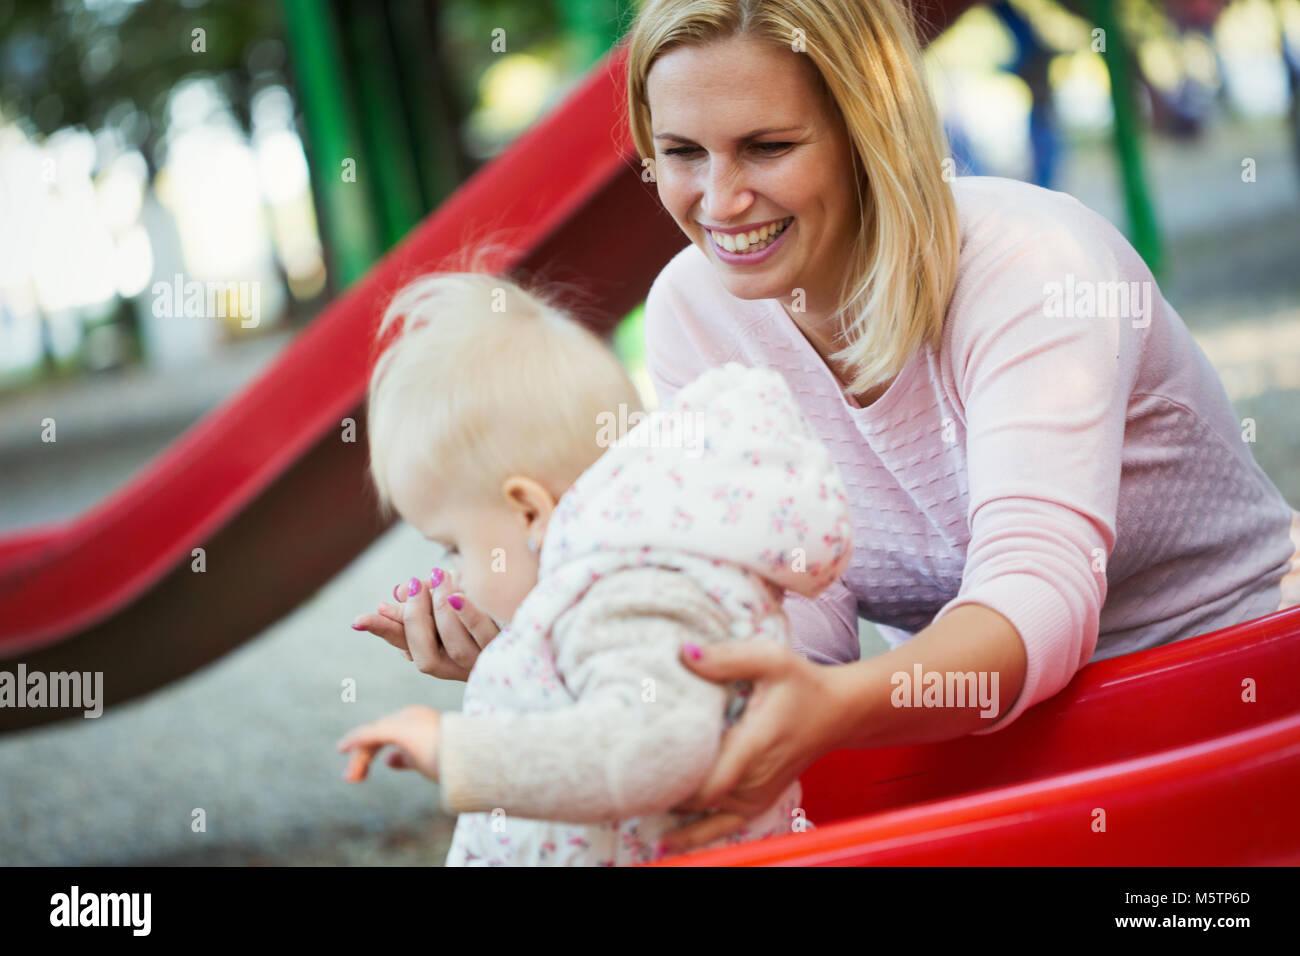 Petite fille et son beau jeune mère jouant sur l'aire de jeux Banque D'Images